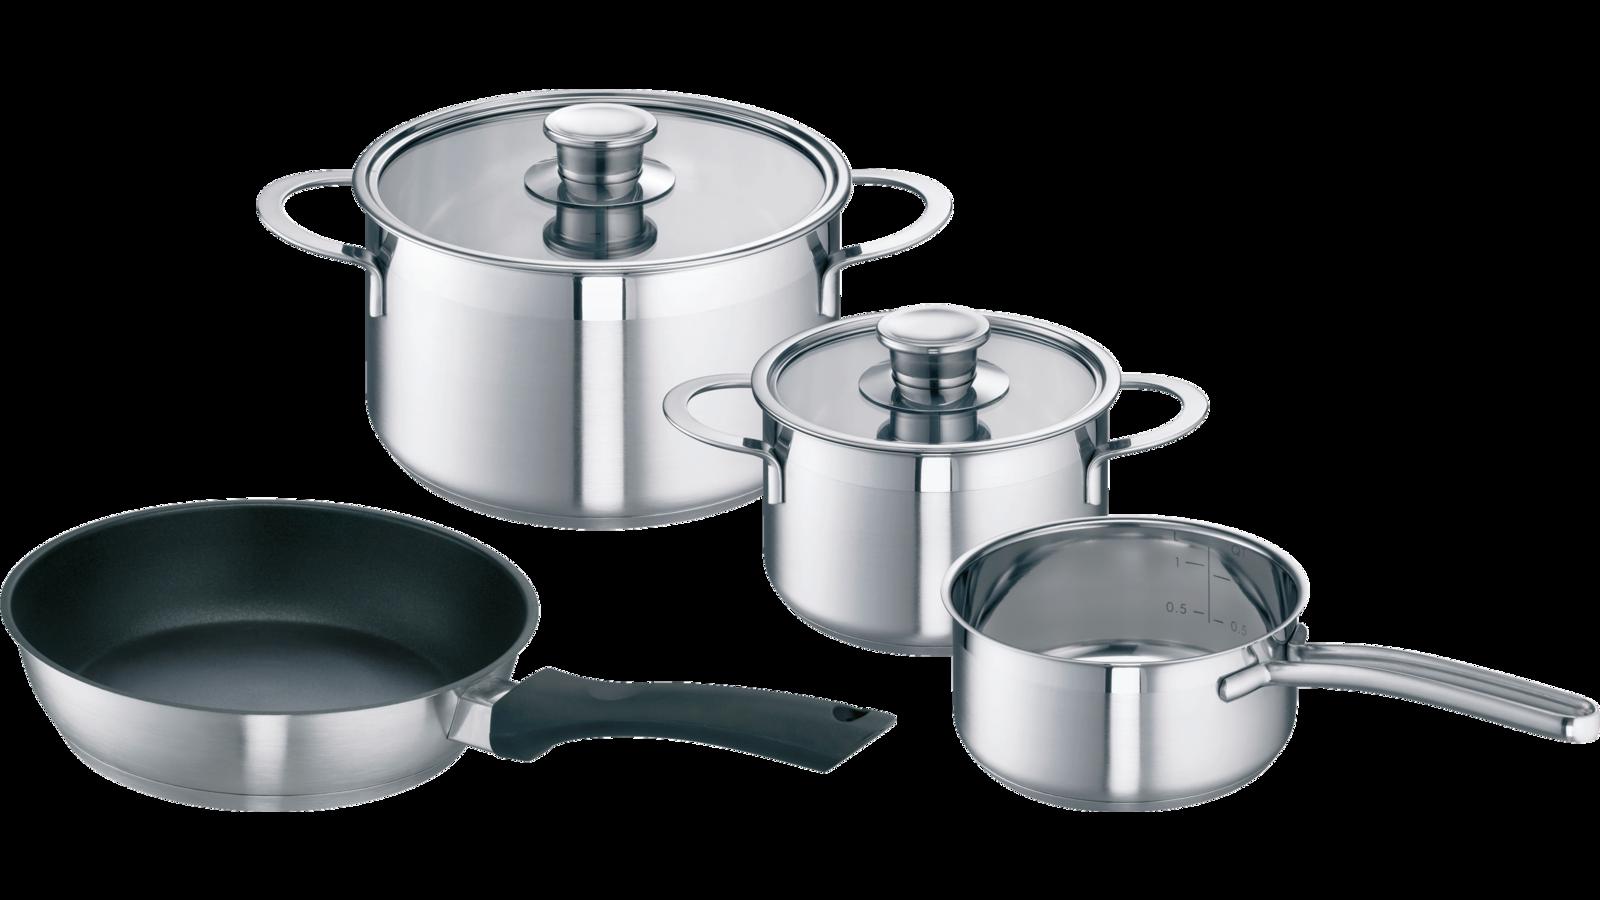 Bosch 00576026 Batterie De Cuisine Pro En Inox 18 10